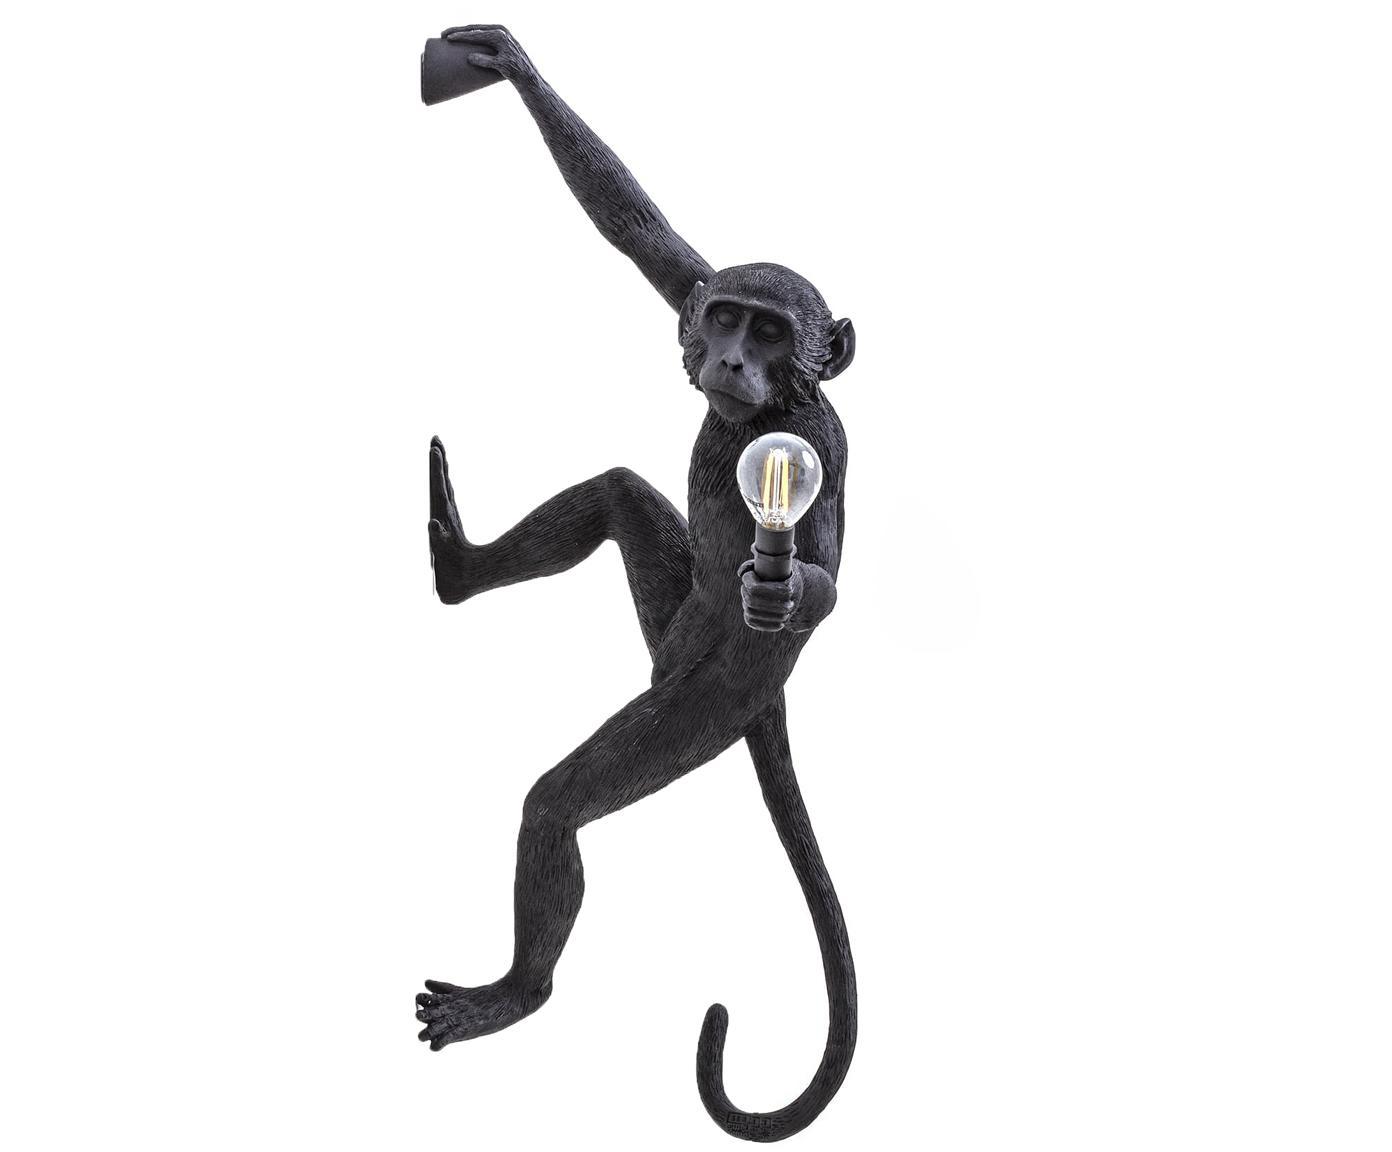 Wandleuchte The Monkey mit Stecker, Polyresin, Schwarz, 21 x 77 cm